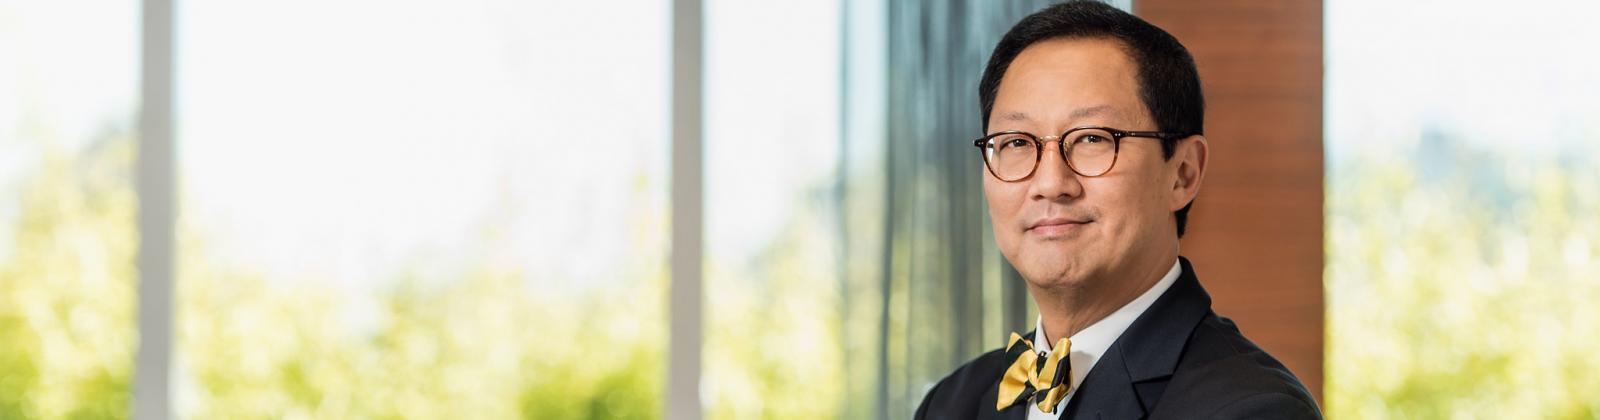 Professor Santa J. Ono